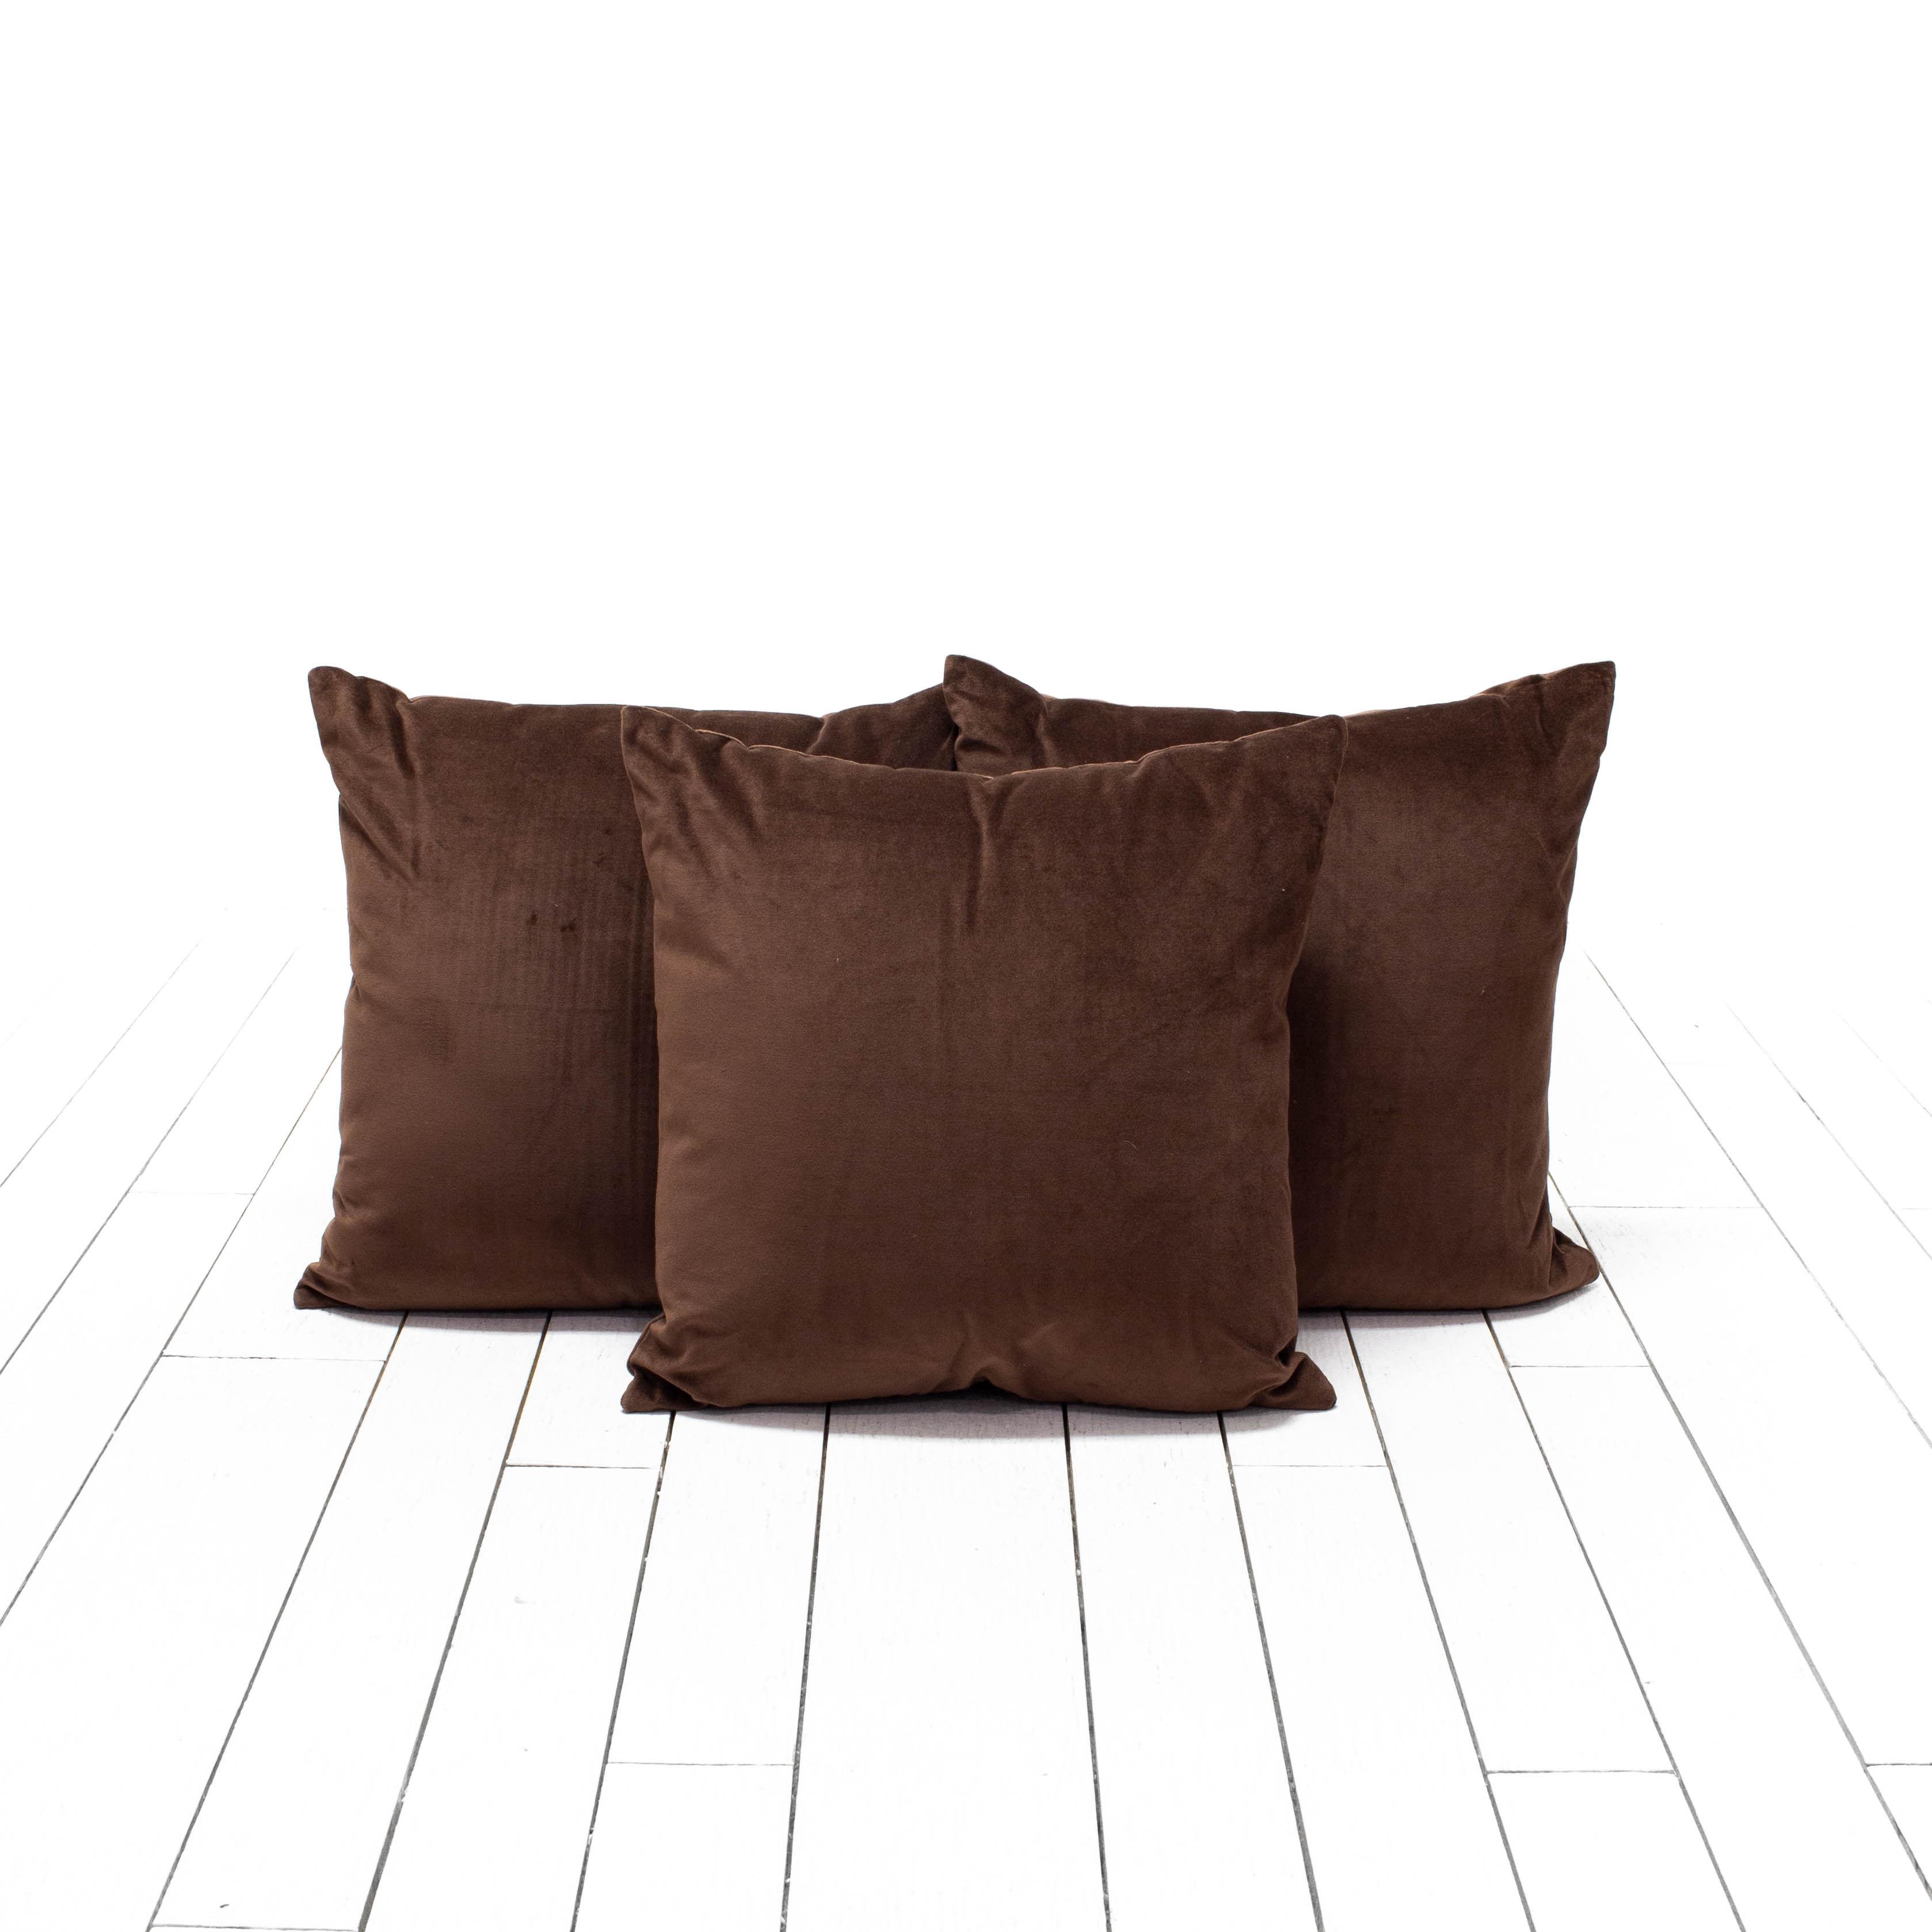 Chocolate Velvet Pillows